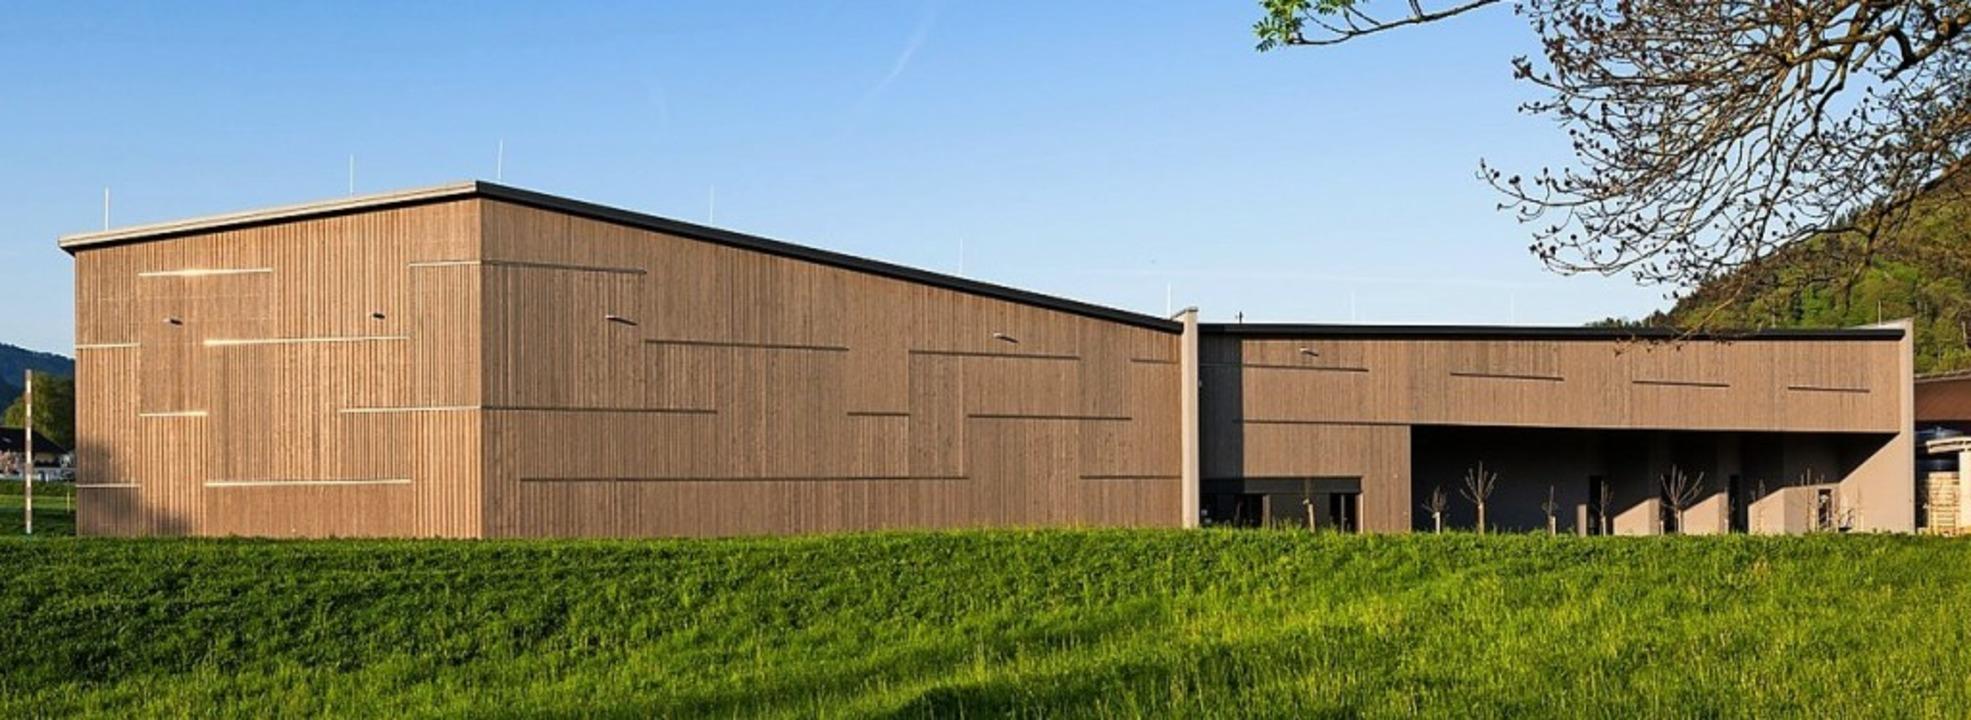 Das neue Logistikzentrum mit Lagerhalle von der Elztalbrennerei Weis in Gutach    Foto: carre